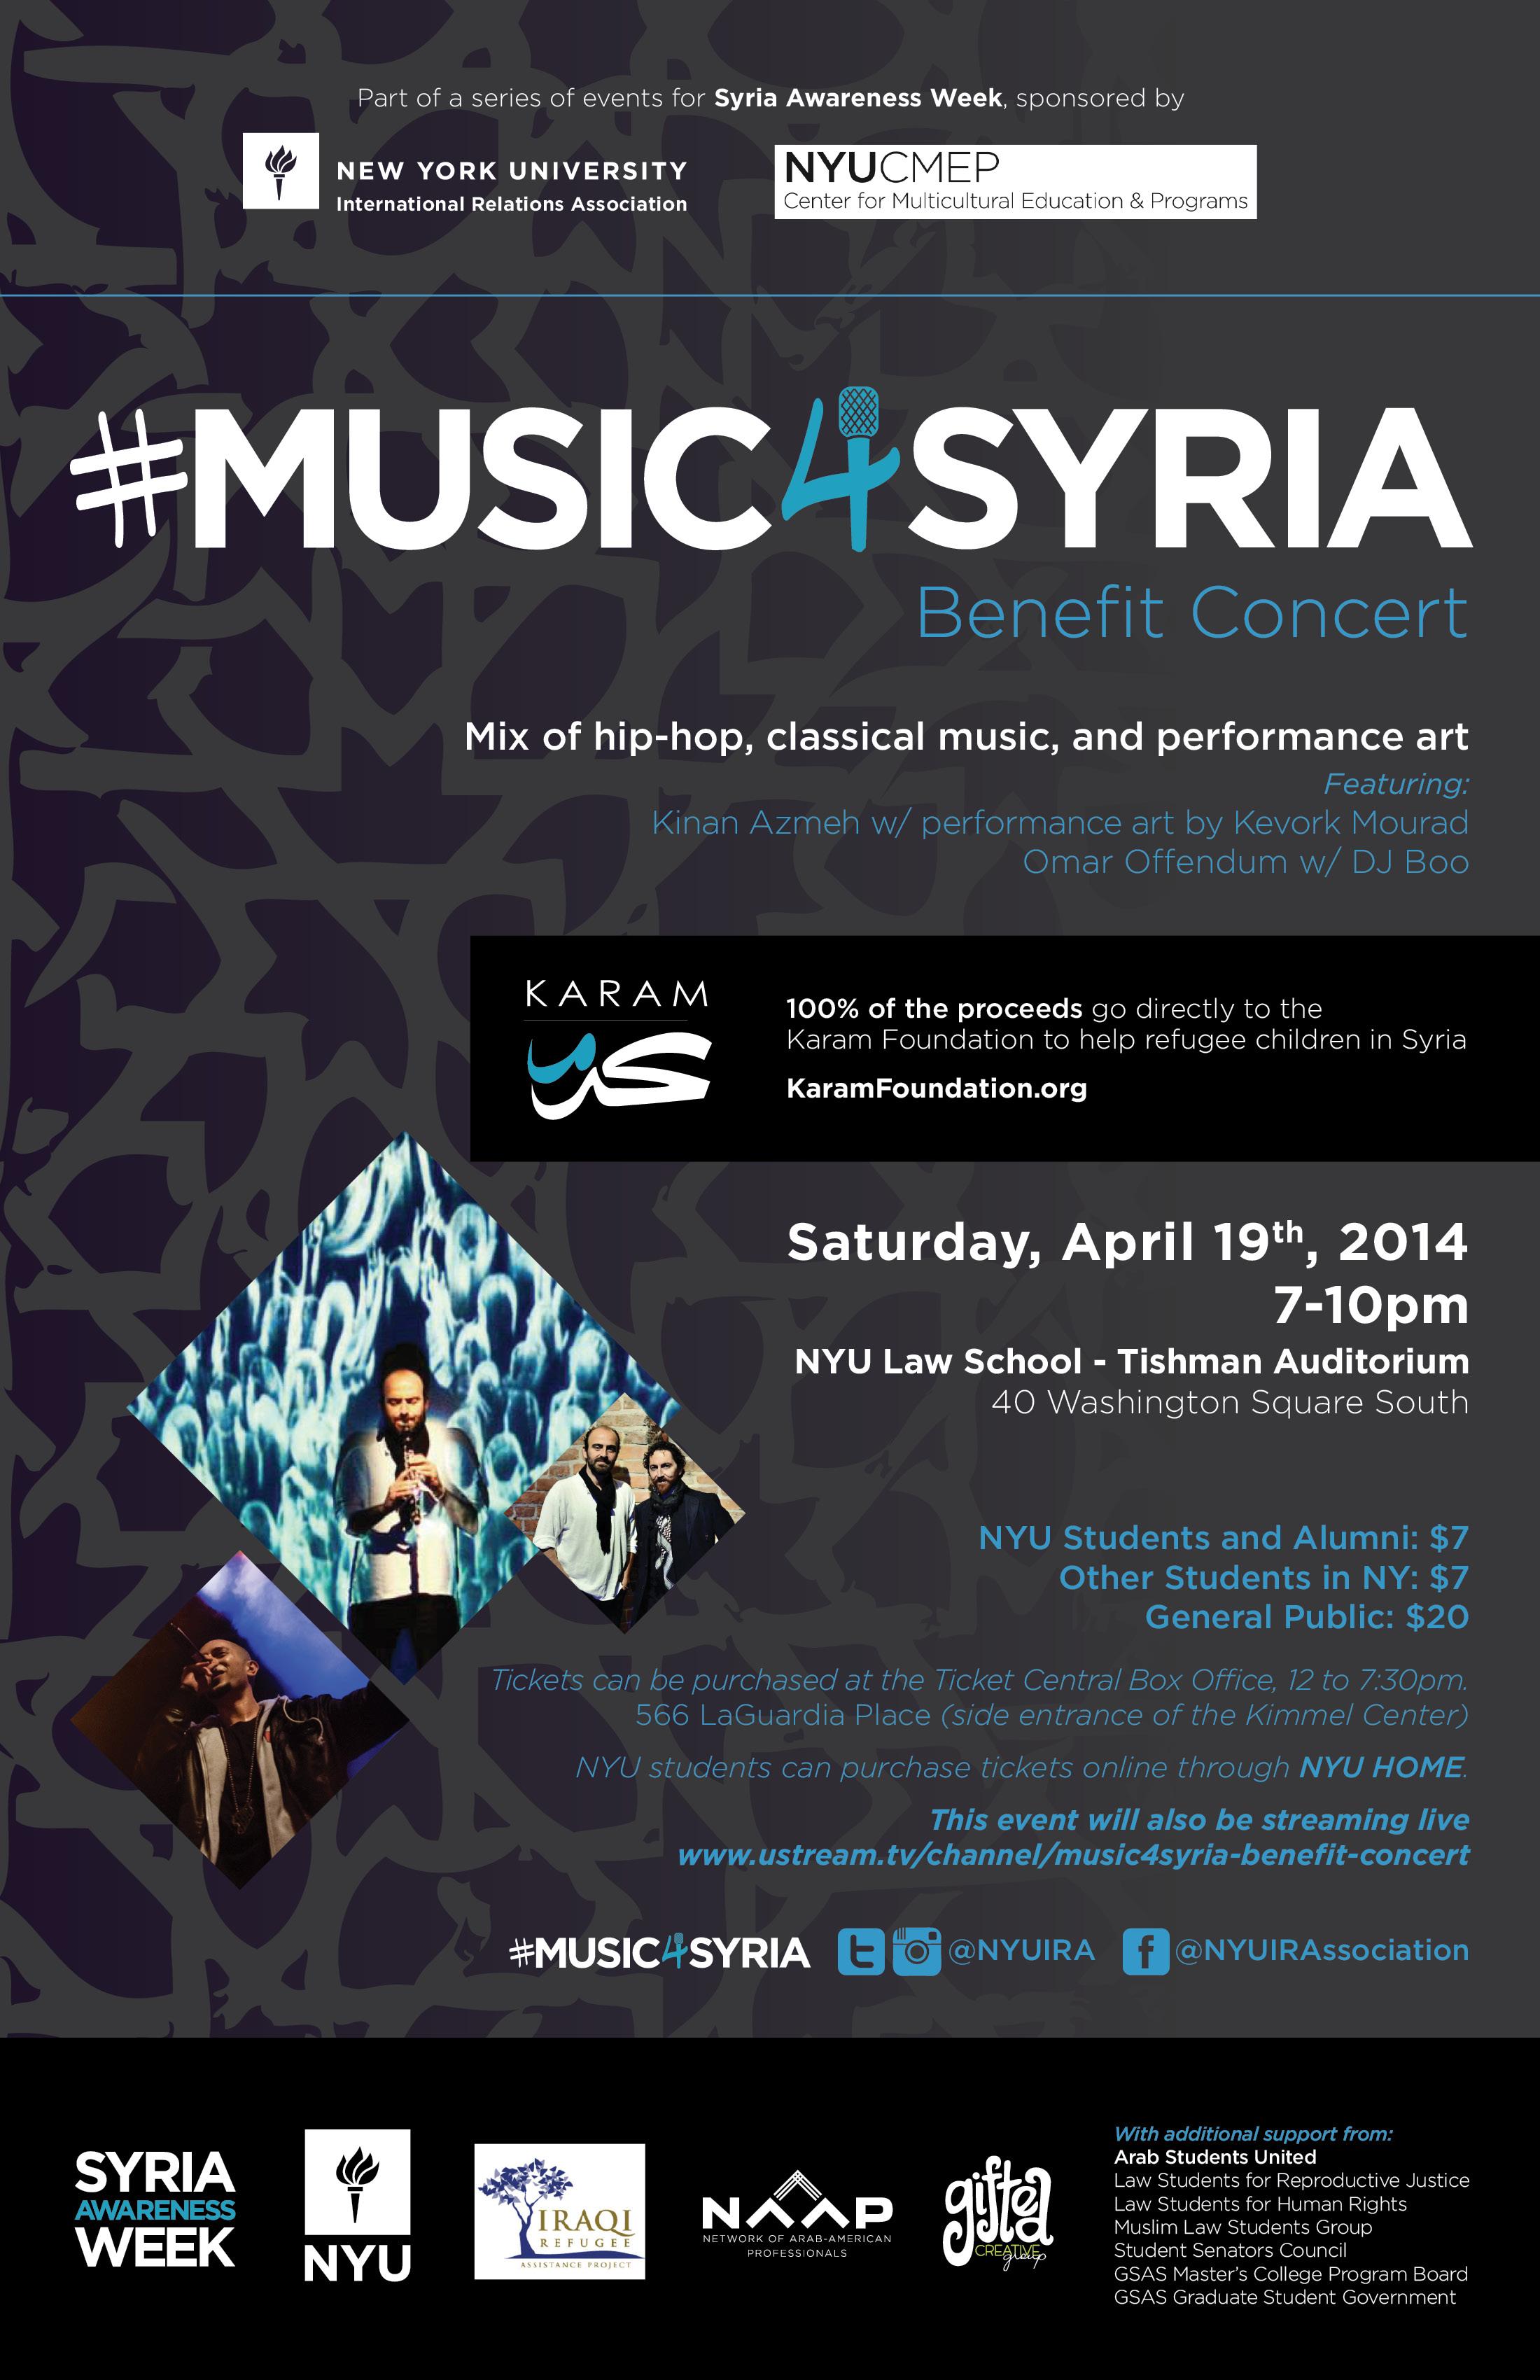 14-NYU-004_Music4Syria_poster_v7.jpg